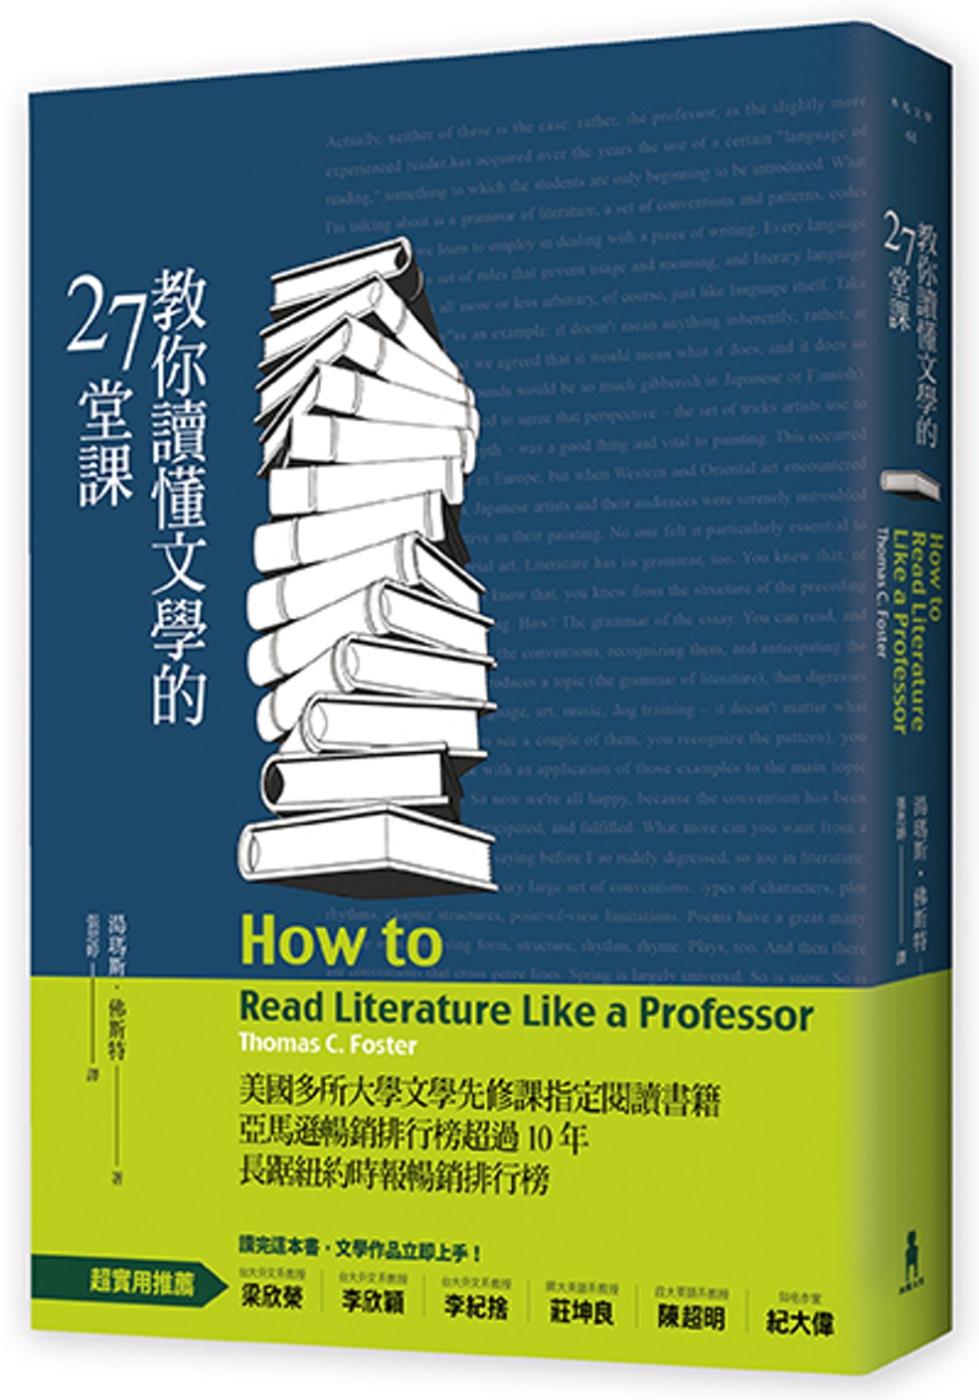 教你讀懂文學的27堂課